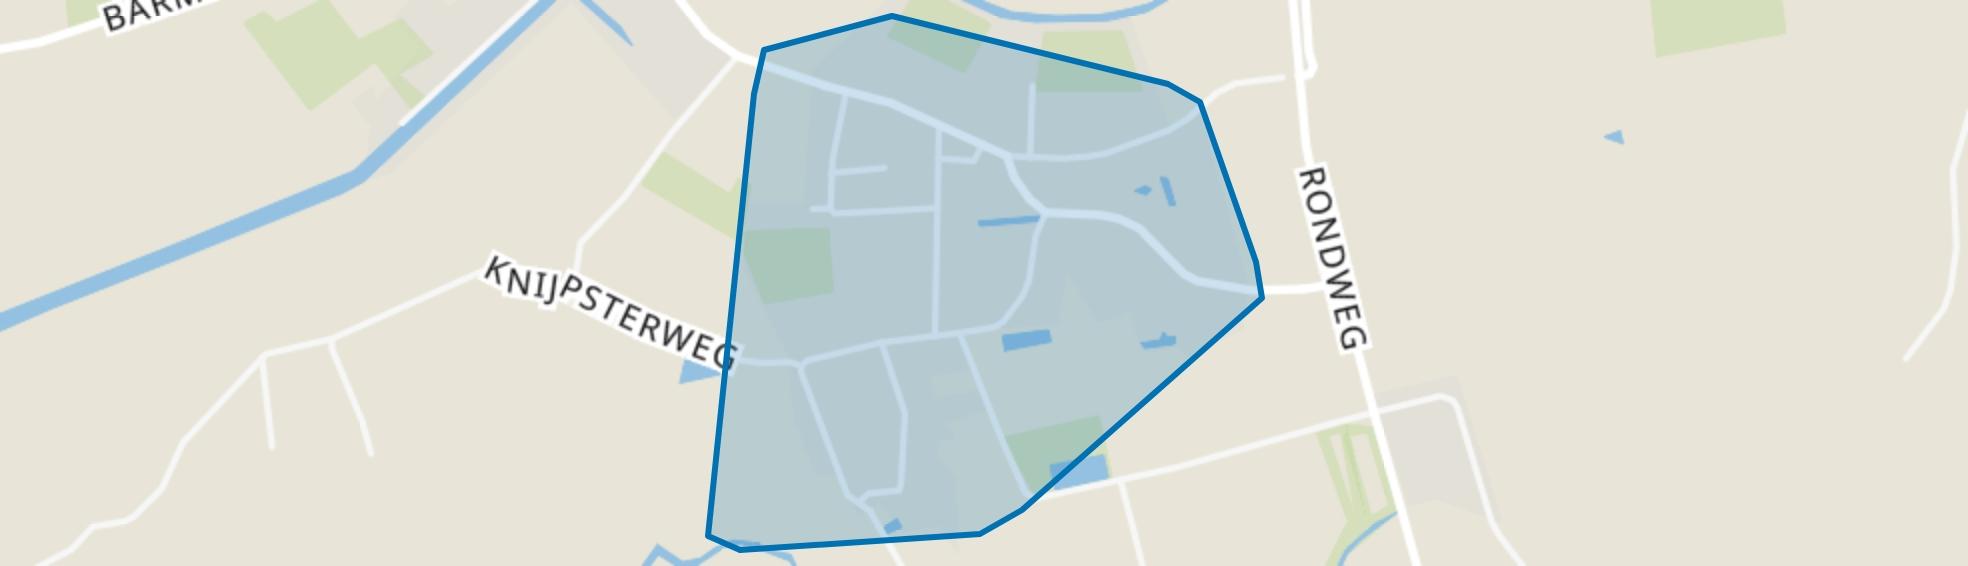 Zandeweer, Zandeweer map